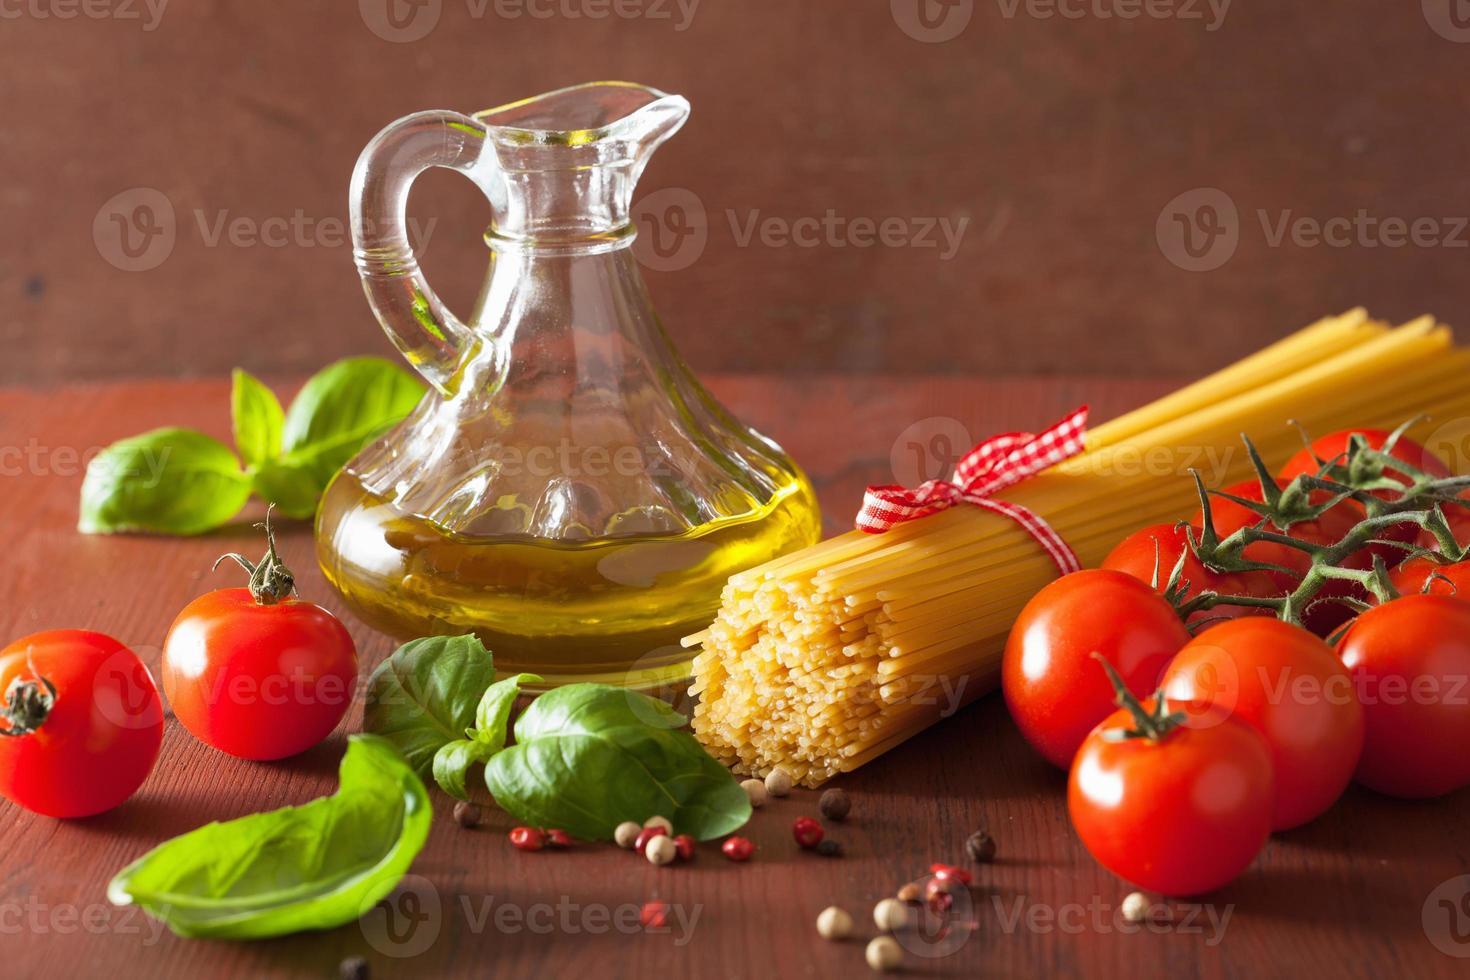 pasta cruda olio d'oliva pomodori. cucina italiana in cucina rustica foto